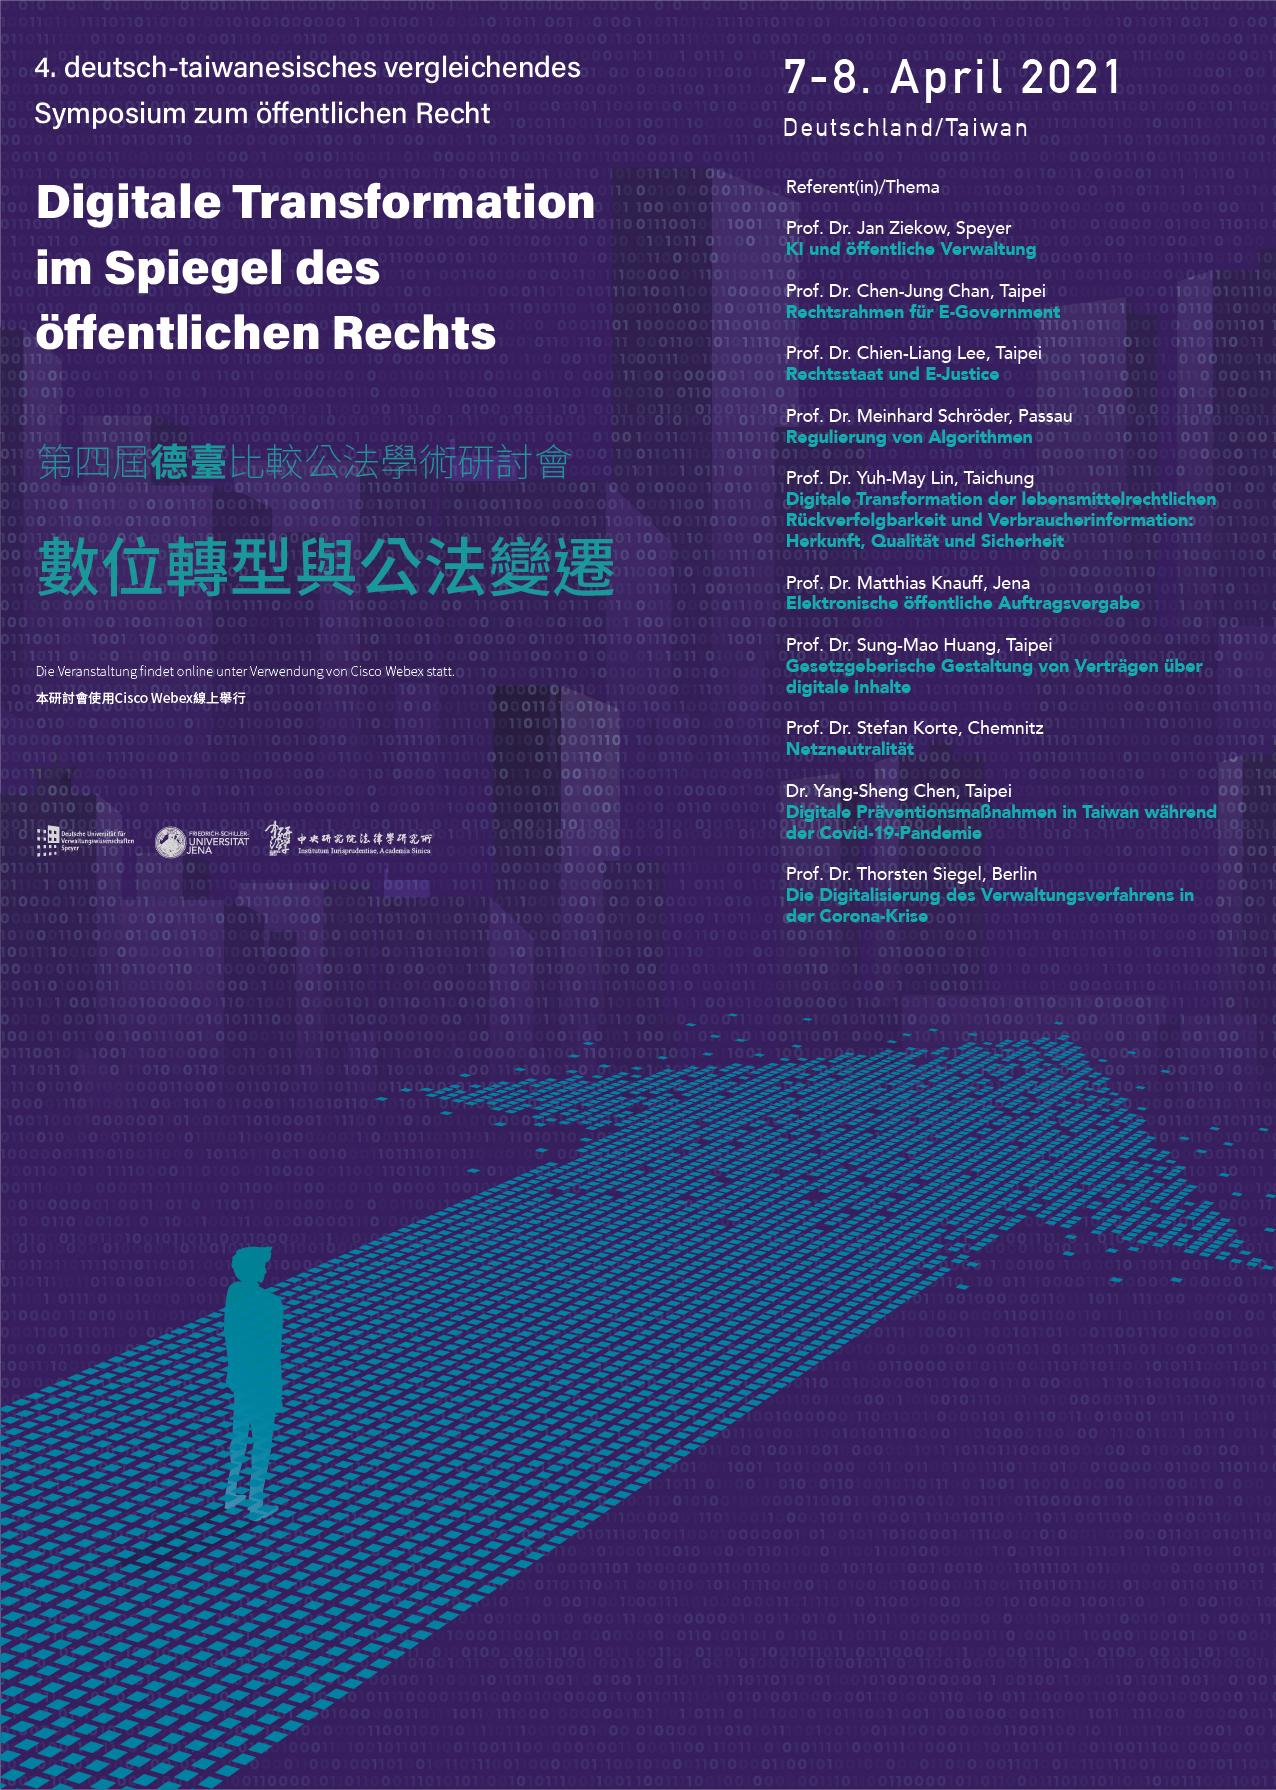 第四屆德臺比較公法學術研討會:數位轉型與公法變遷